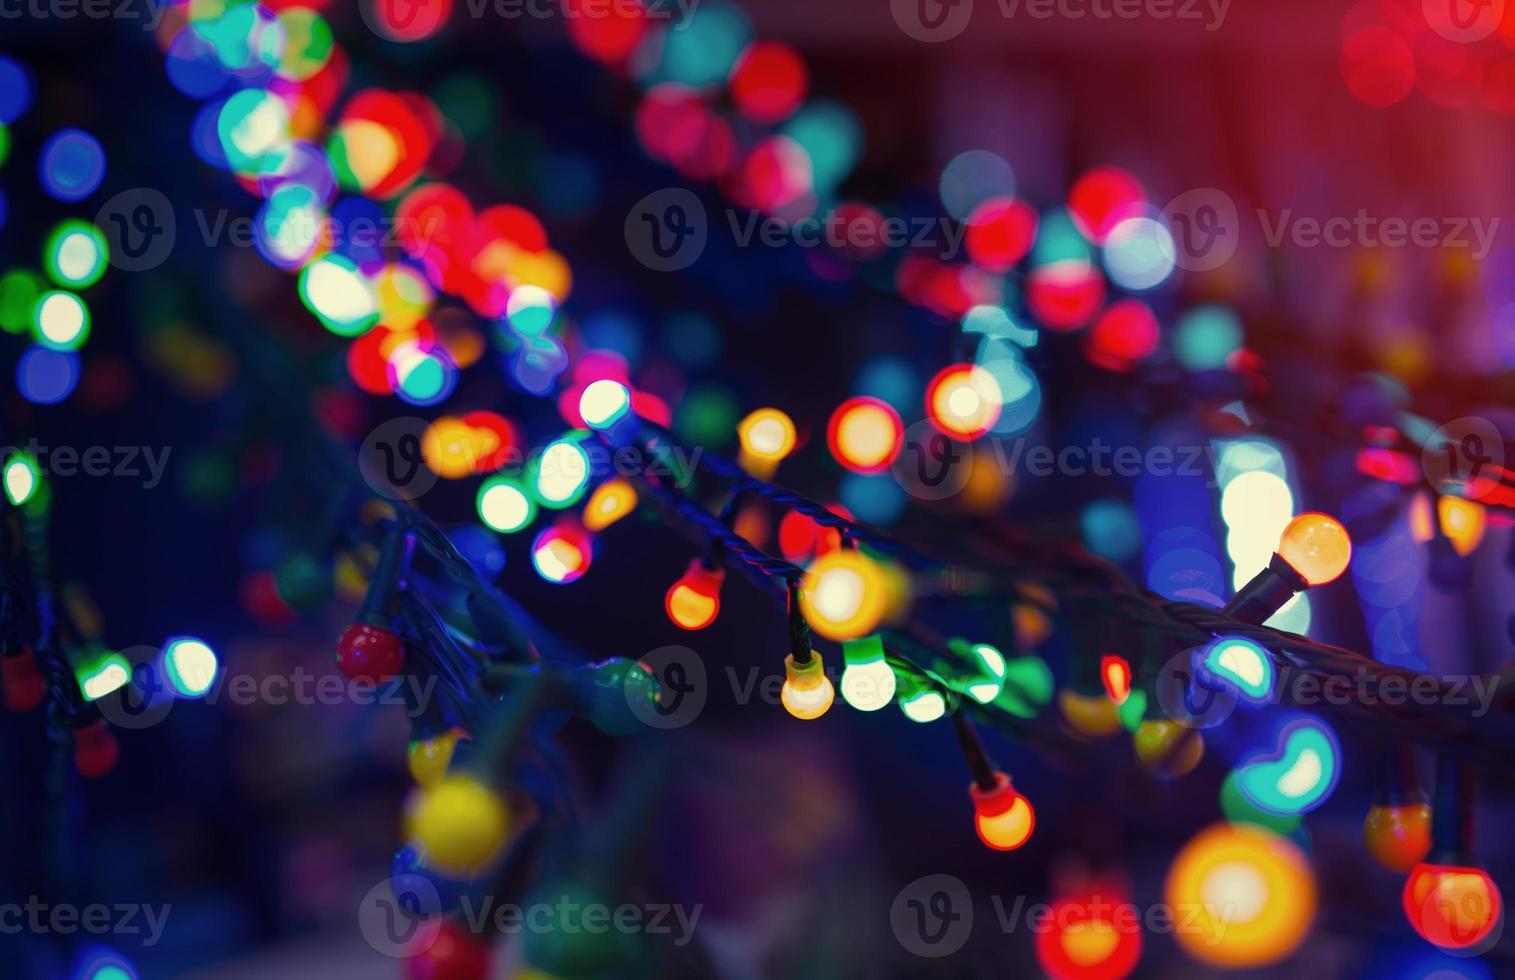 bunte Weihnachtsbeleuchtung in der Stadtstraße, Nahaufnahmefoto foto